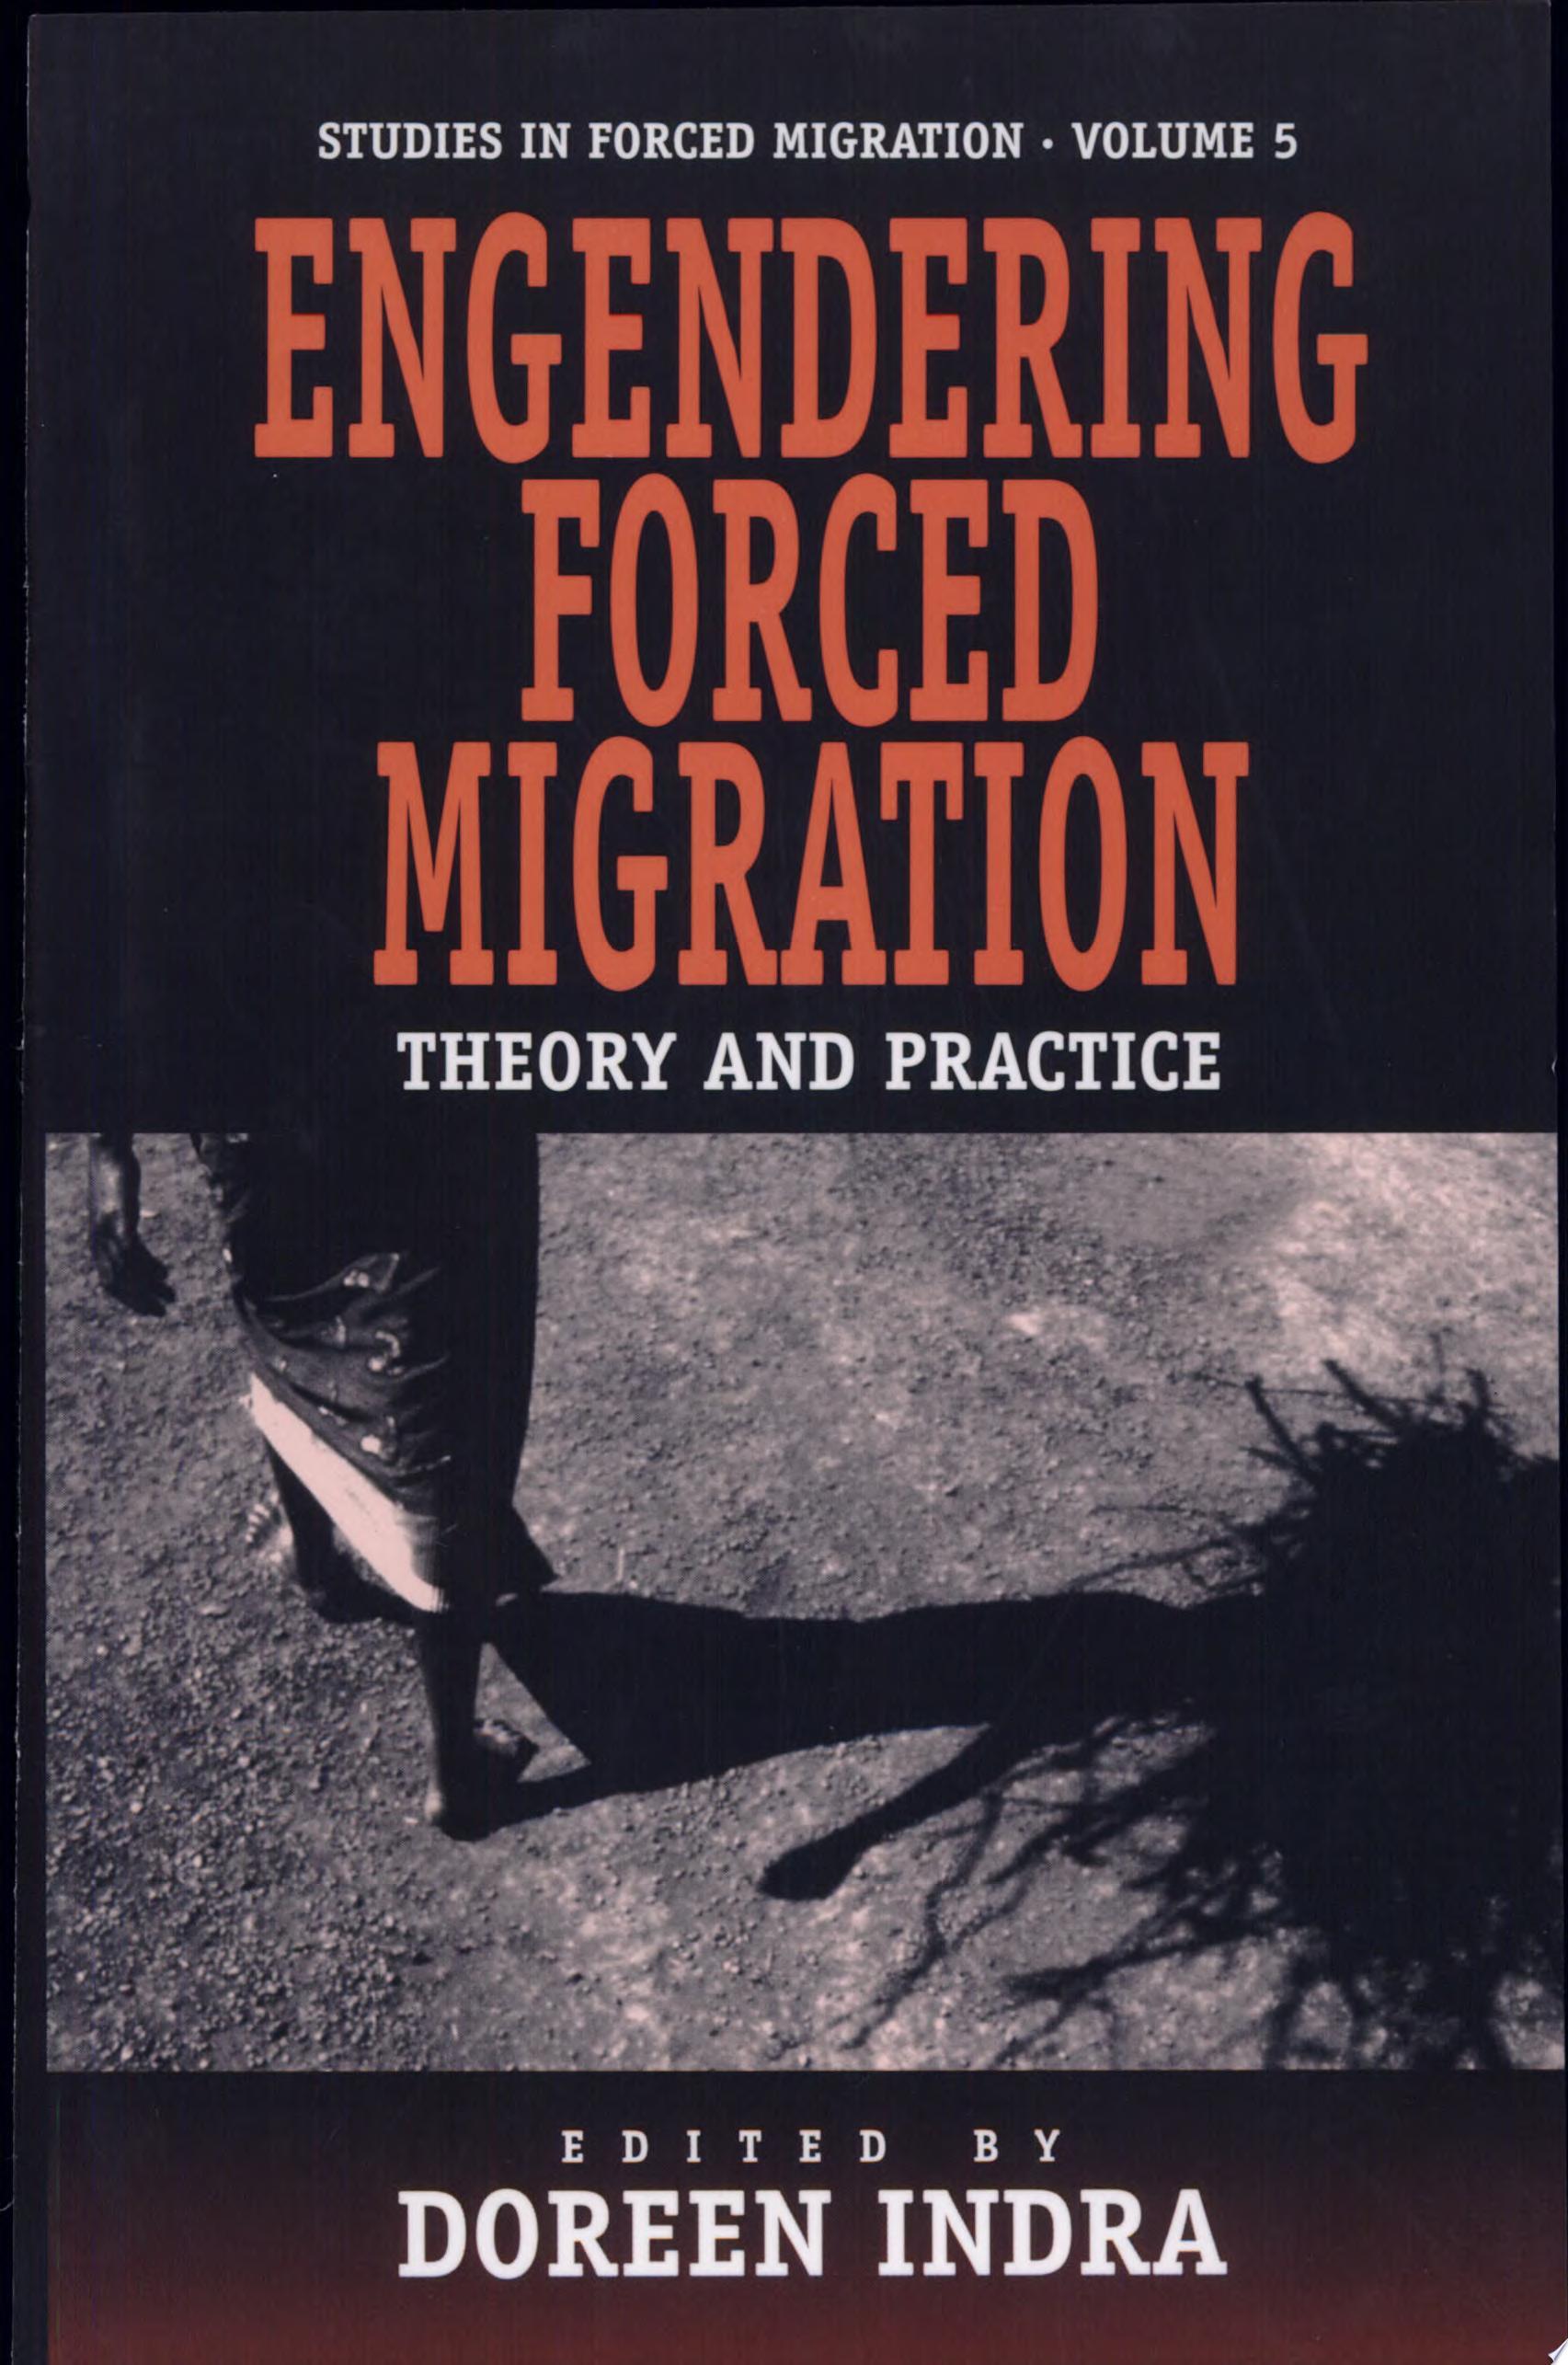 Engendering Forced Migration